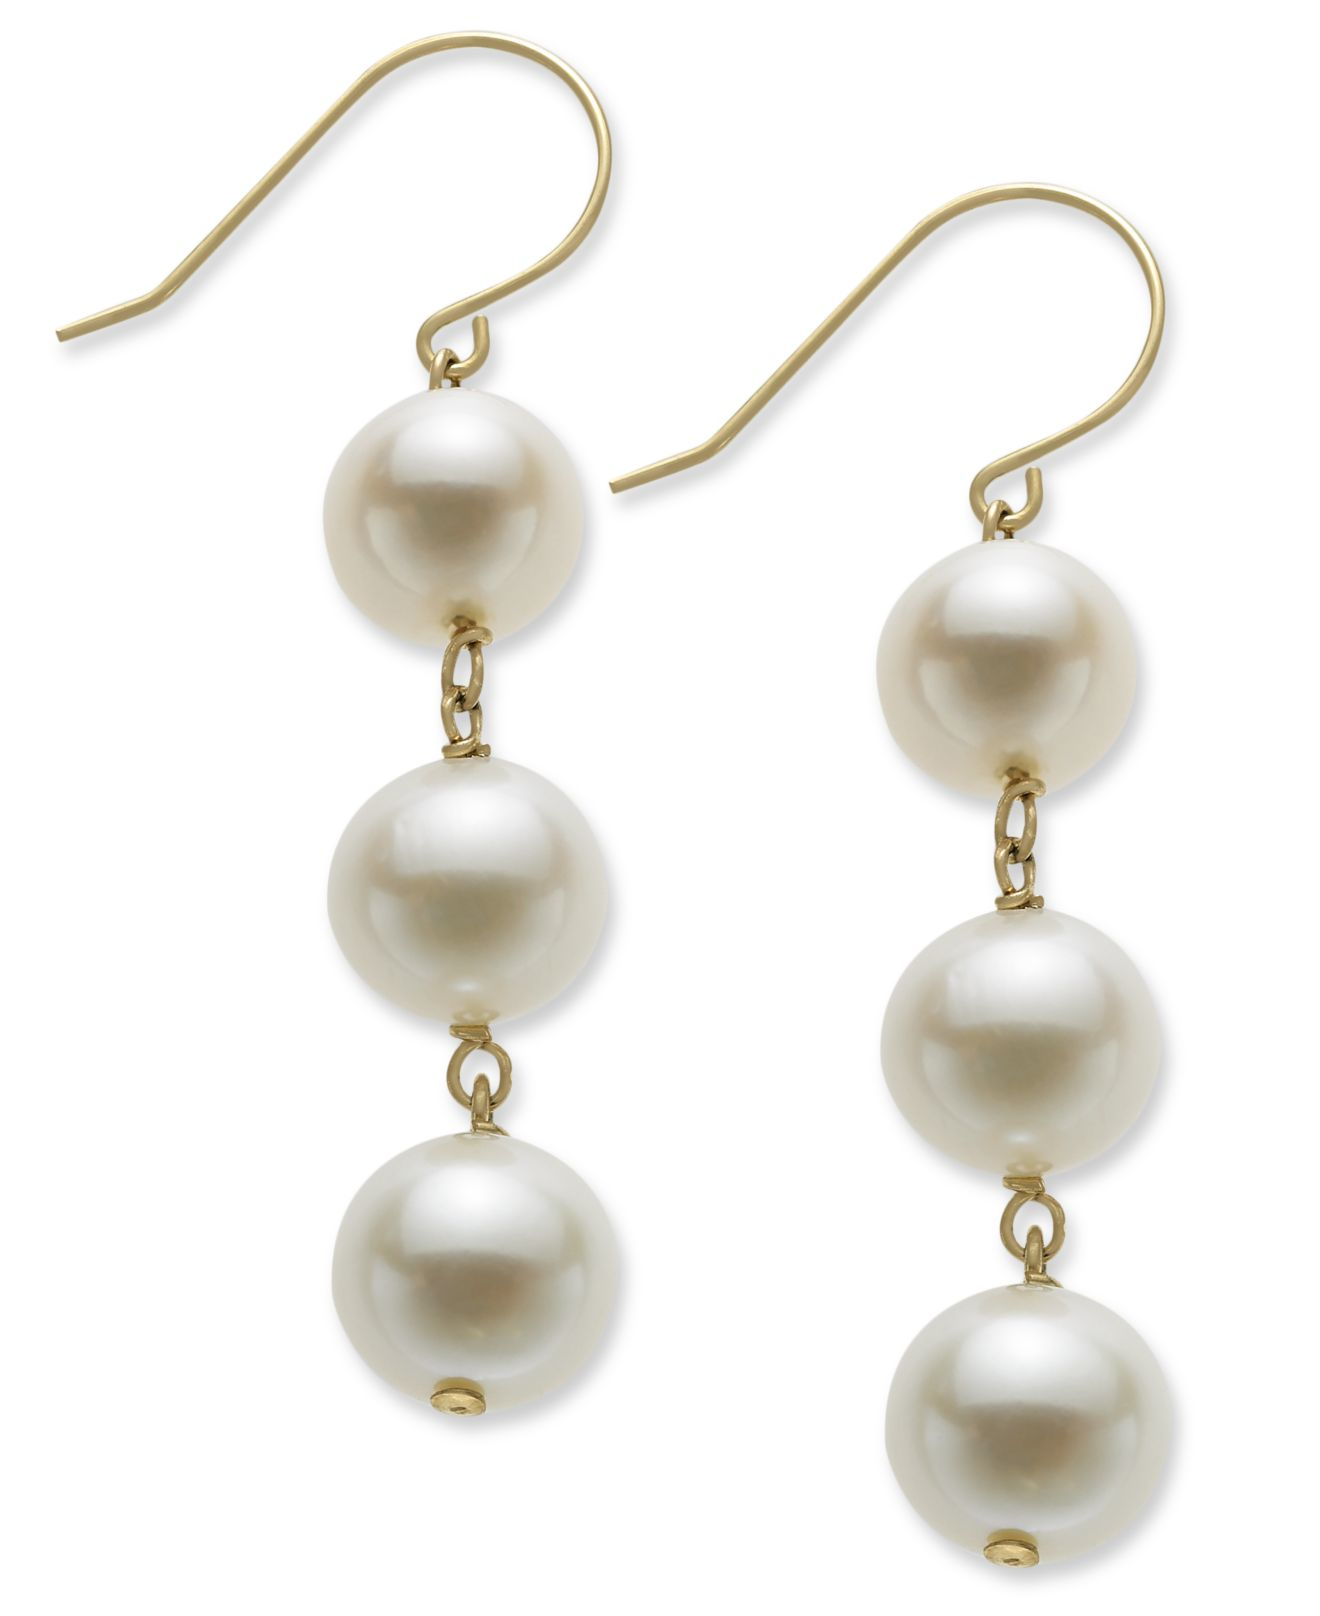 Macy's Women's Pearl Earrings